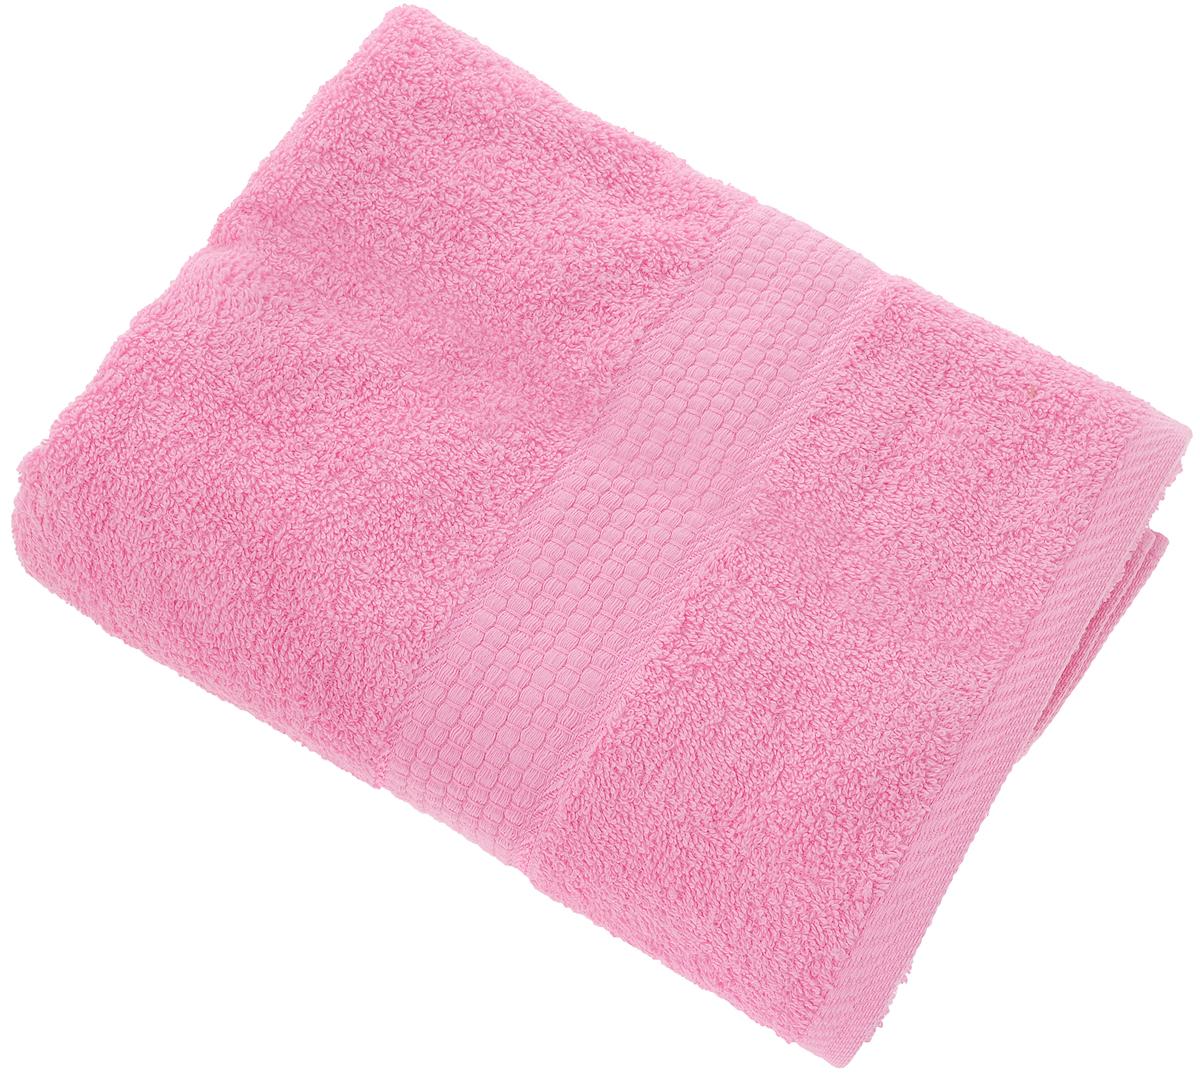 Полотенце Aisha Home Textile, цвет: розовый, 70 х 140 смKOC_SOL249_G4Махровые полотенца AISHA Home Textile идеальное сочетание цены и качества. Полотенца упакованы в стильную подарочную коробку. В состав входит только натуральное волокно - хлопок. Лаконичные бордюры подойдут для любого интерьера ванной комнаты. Полотенца прекрасно впитывает влагу и быстро сохнут. При соблюдении рекомендаций по уходу не линяют и не теряют форму даже после многократных стирок.Состав: 100% хлопок.